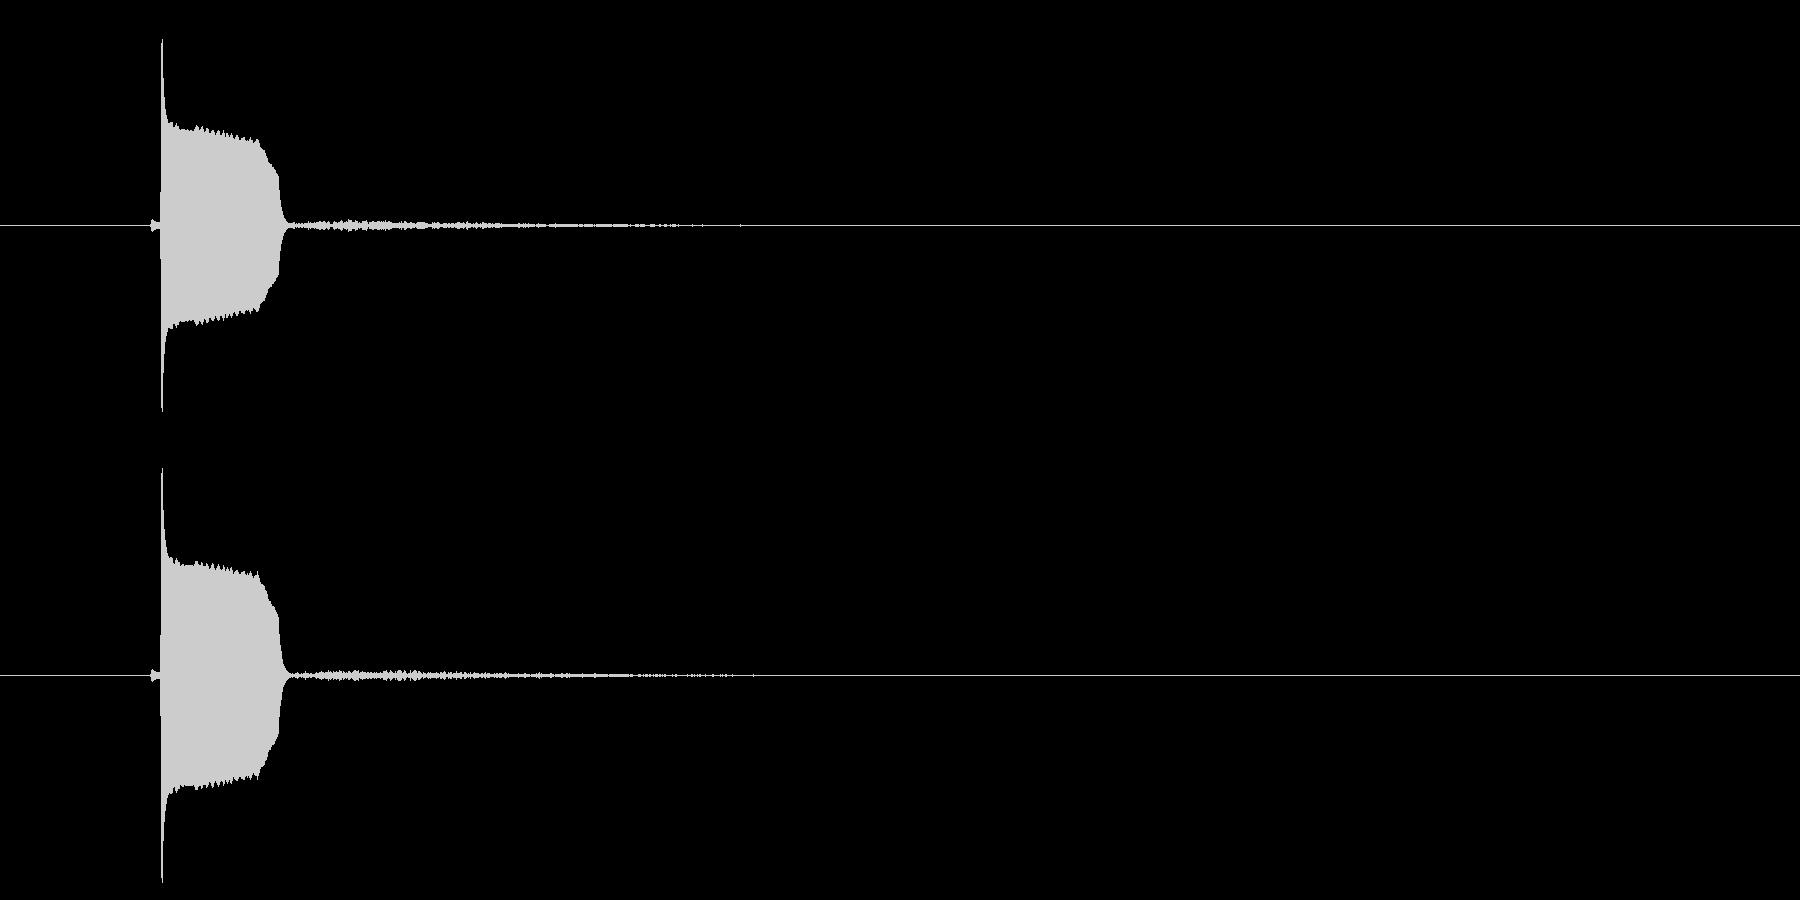 ピヨッ(小鳥の鳴き声、ボタン音)の未再生の波形